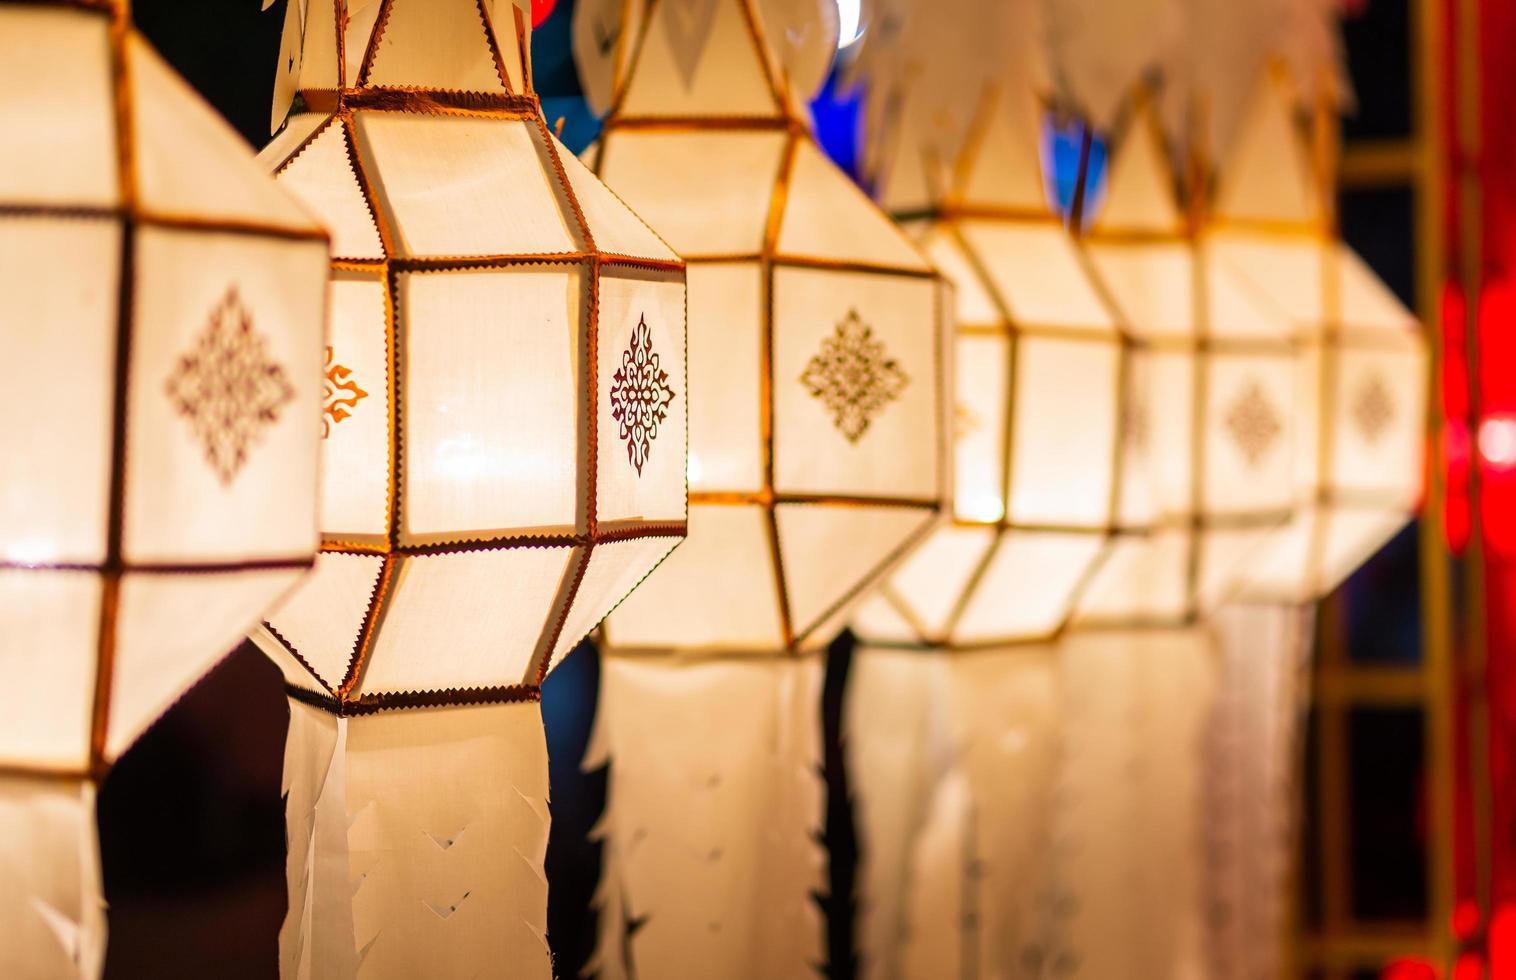 una serie di lanterne nanna riempiono la sala del festival in Tailandia foto